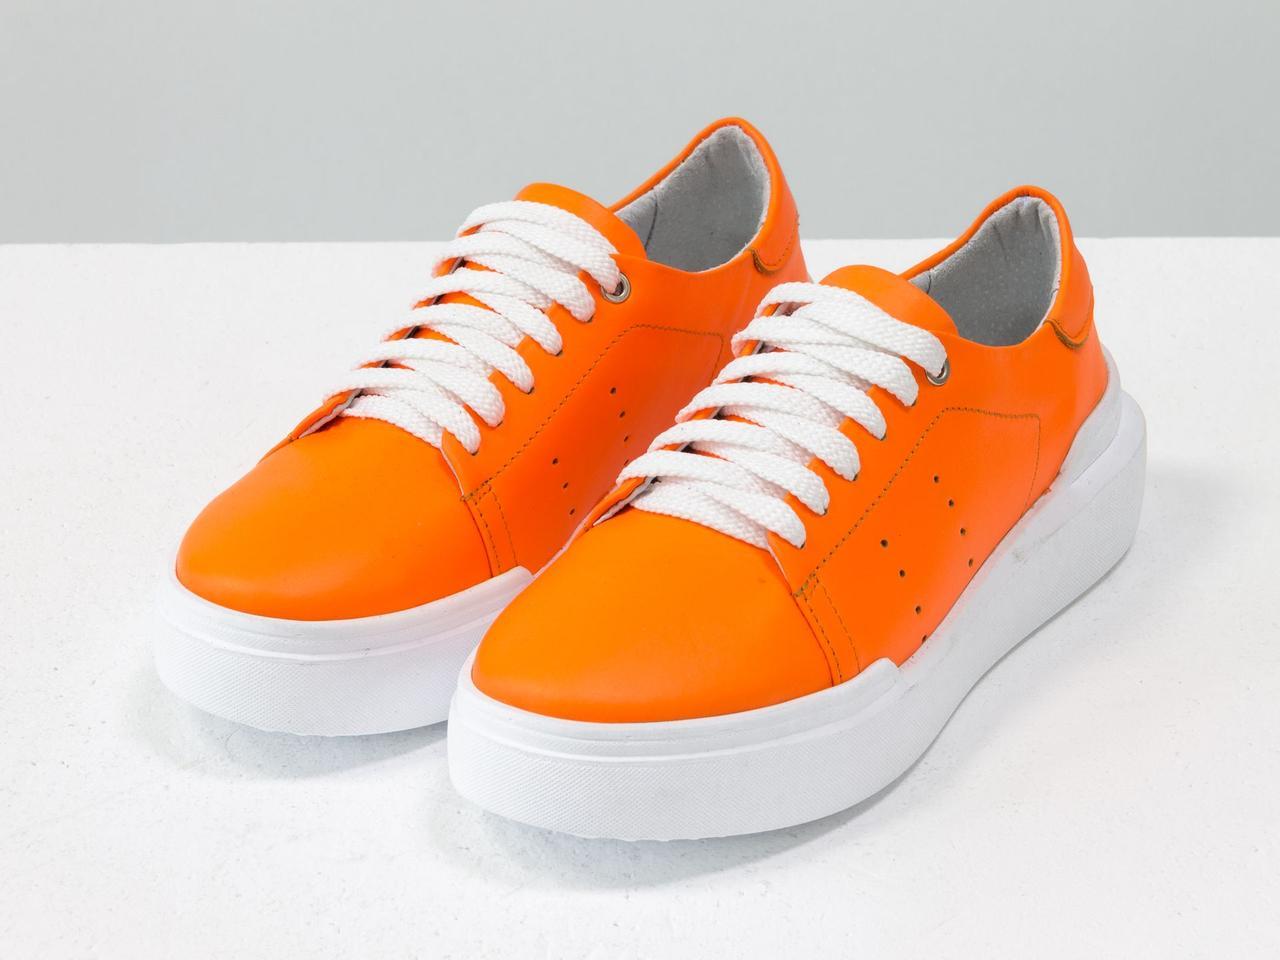 Невероятные неоновые кеды из натуральной матовой кожи ярко-оранжевого цвета 40 - фото 6